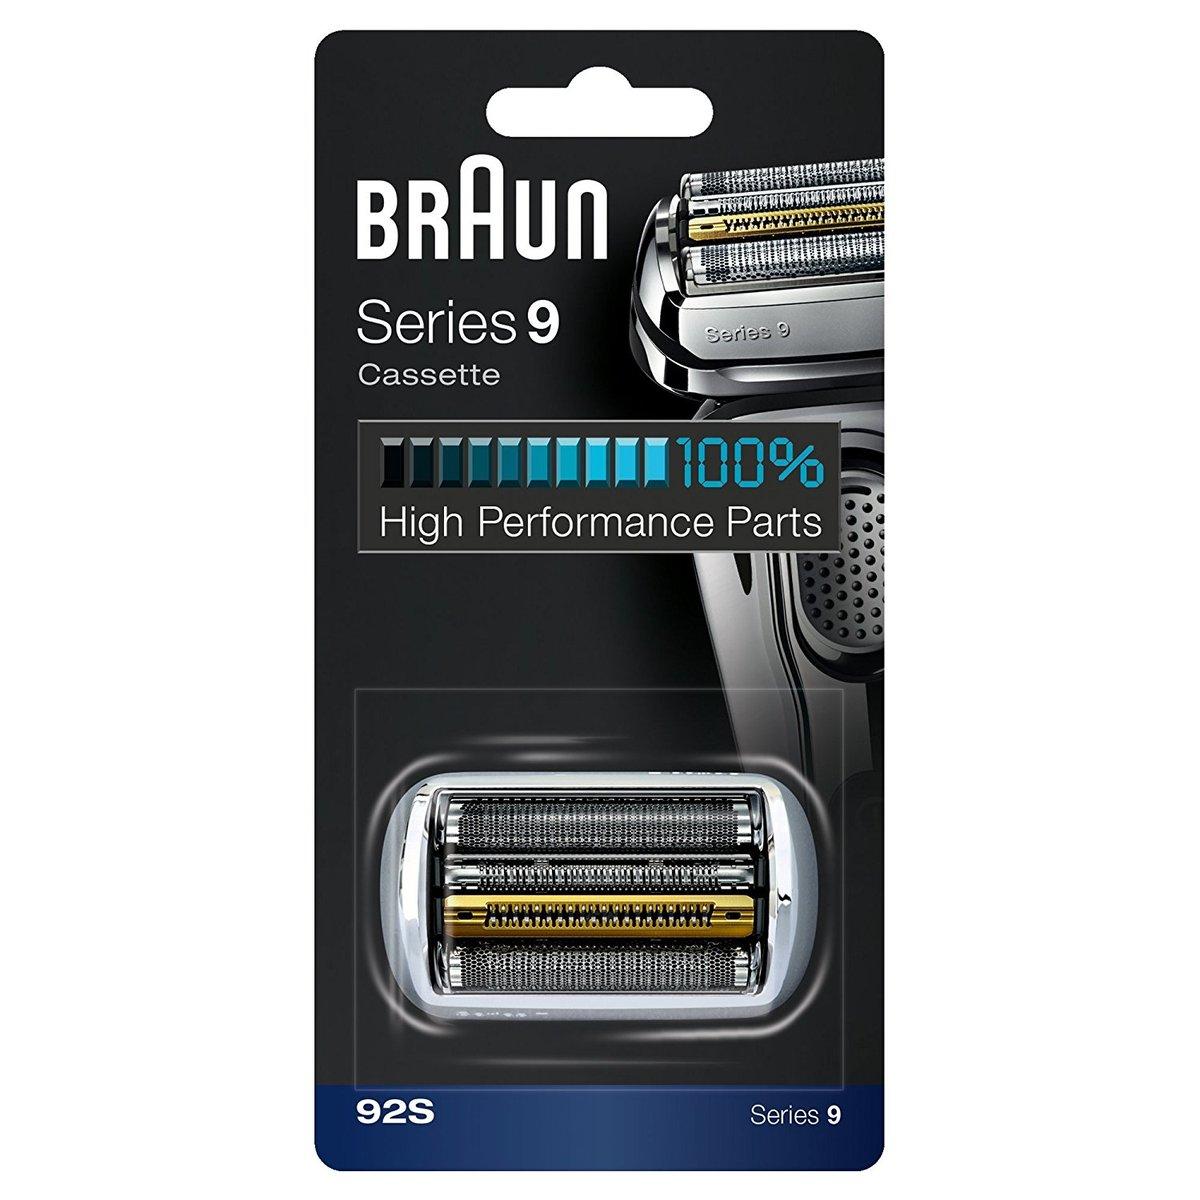 【1/5 出荷予定】【送料無料】BRAUN ブラウン シリーズ9/替刃 網刃・内刃一体型カセット 92S/92B (F/C92Sの海外版 F/C90Sの改良版) 並行輸入品